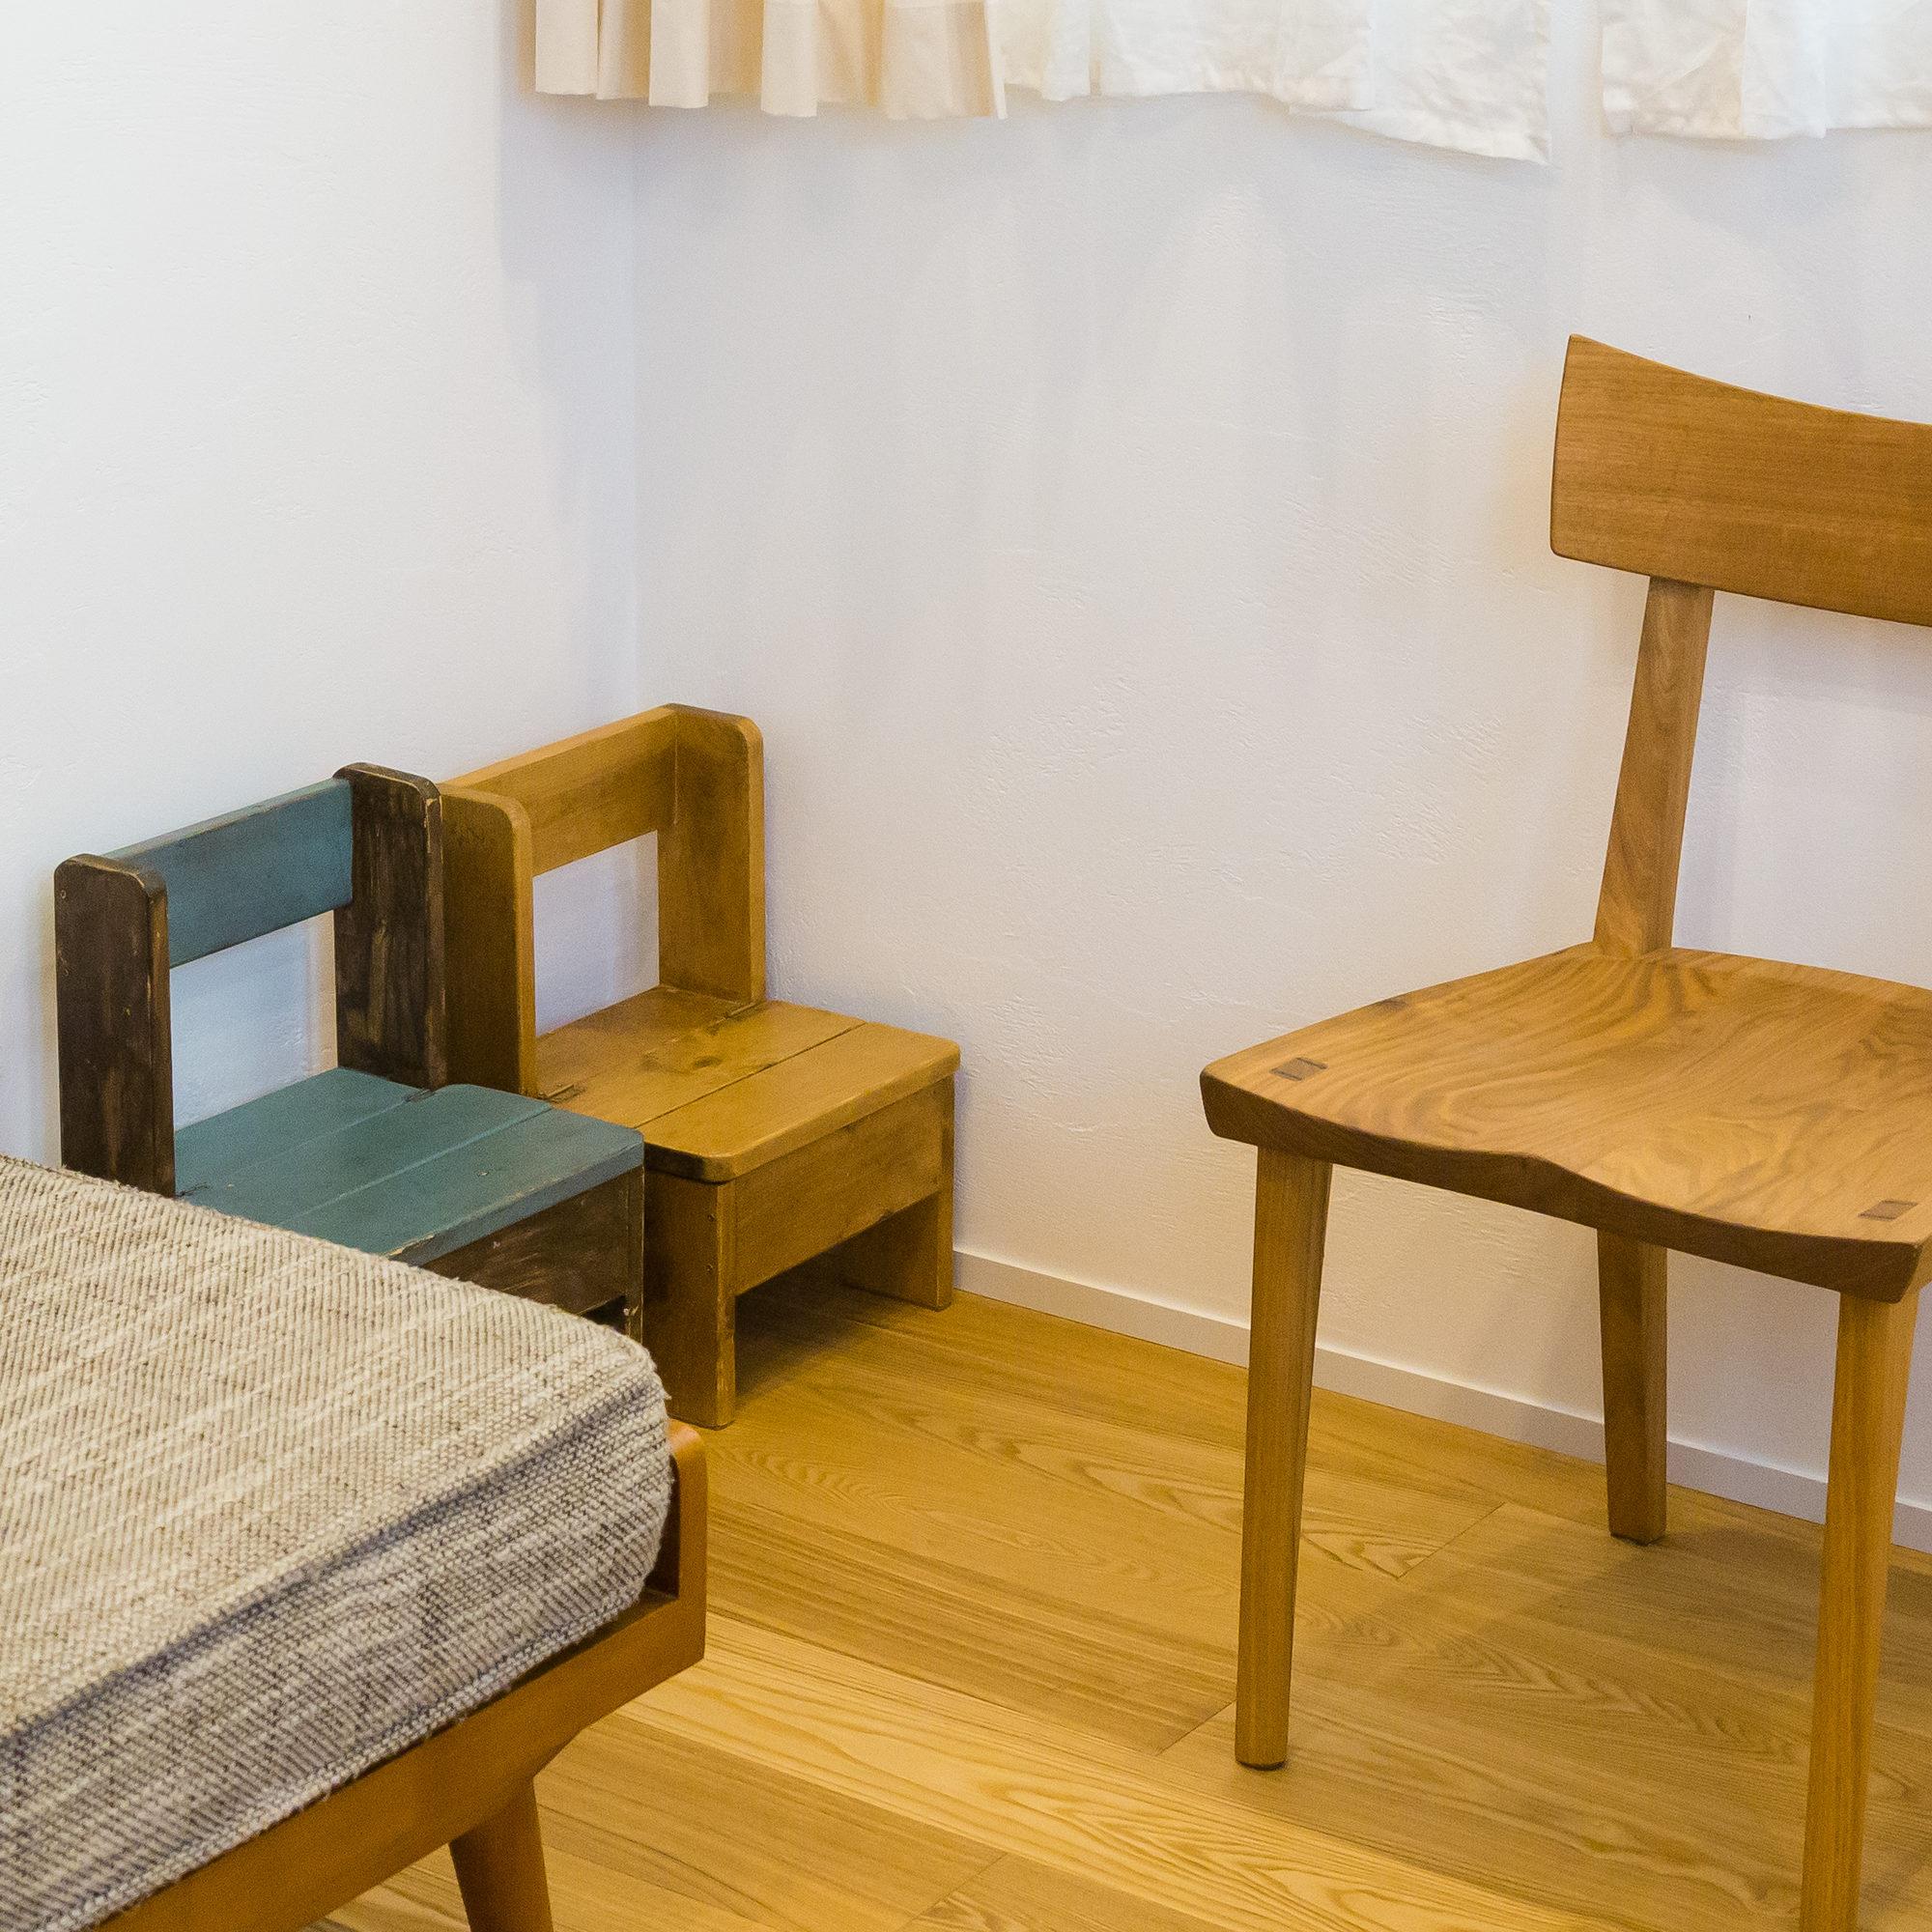 実家リノベは広々、手作りの子供椅子も並べられます